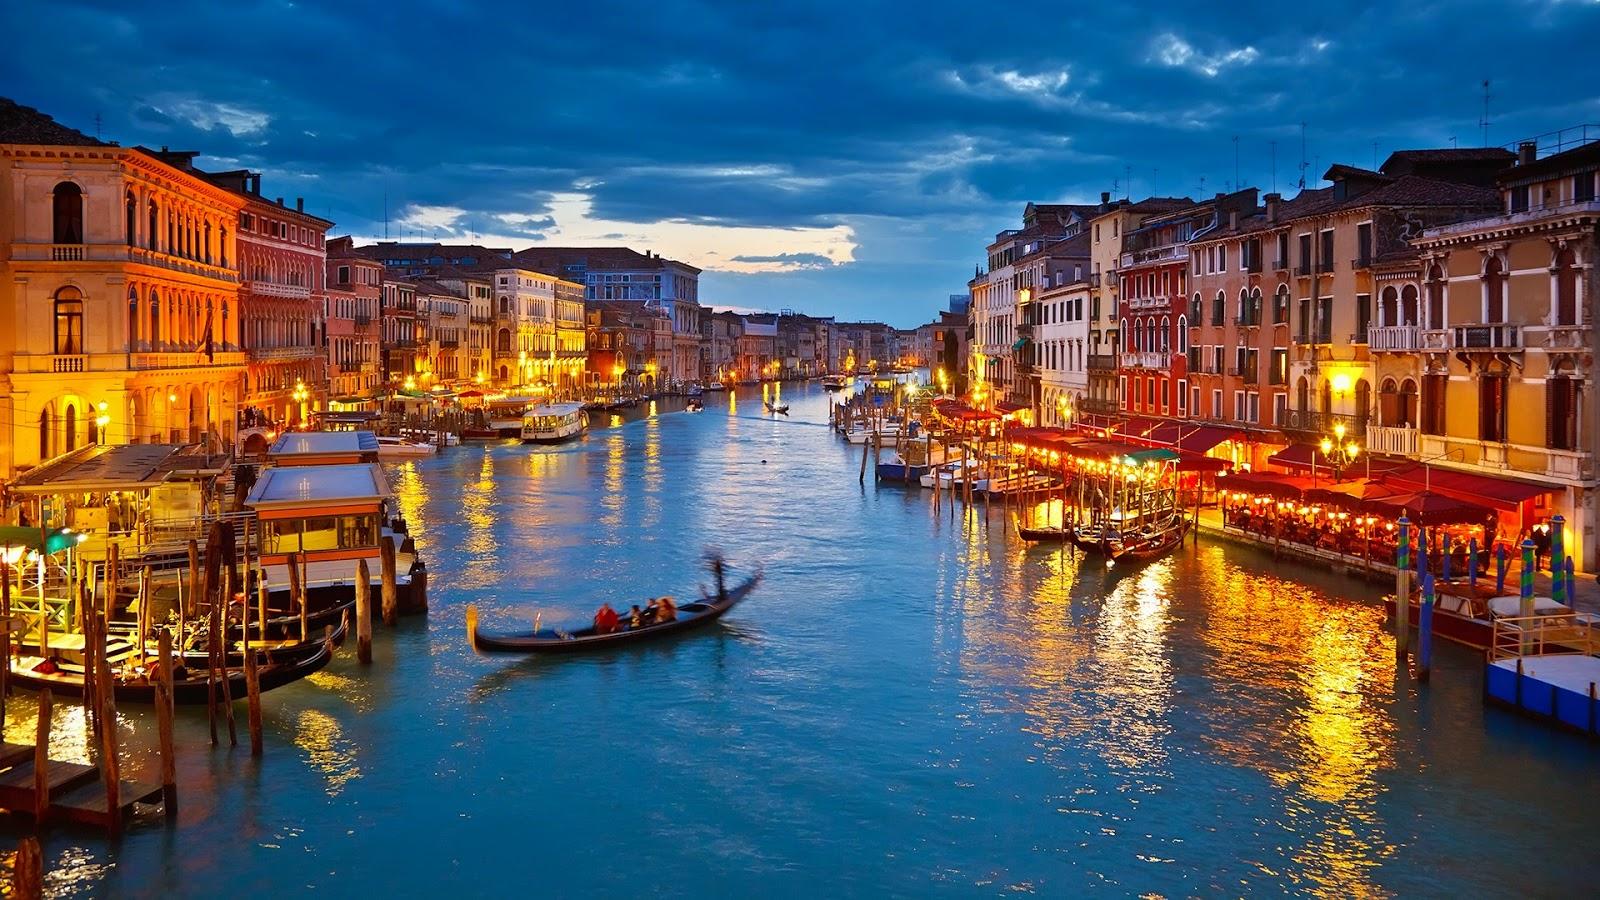 Venice, Tujuan Favorit Kota Romantis berbiaya rendah